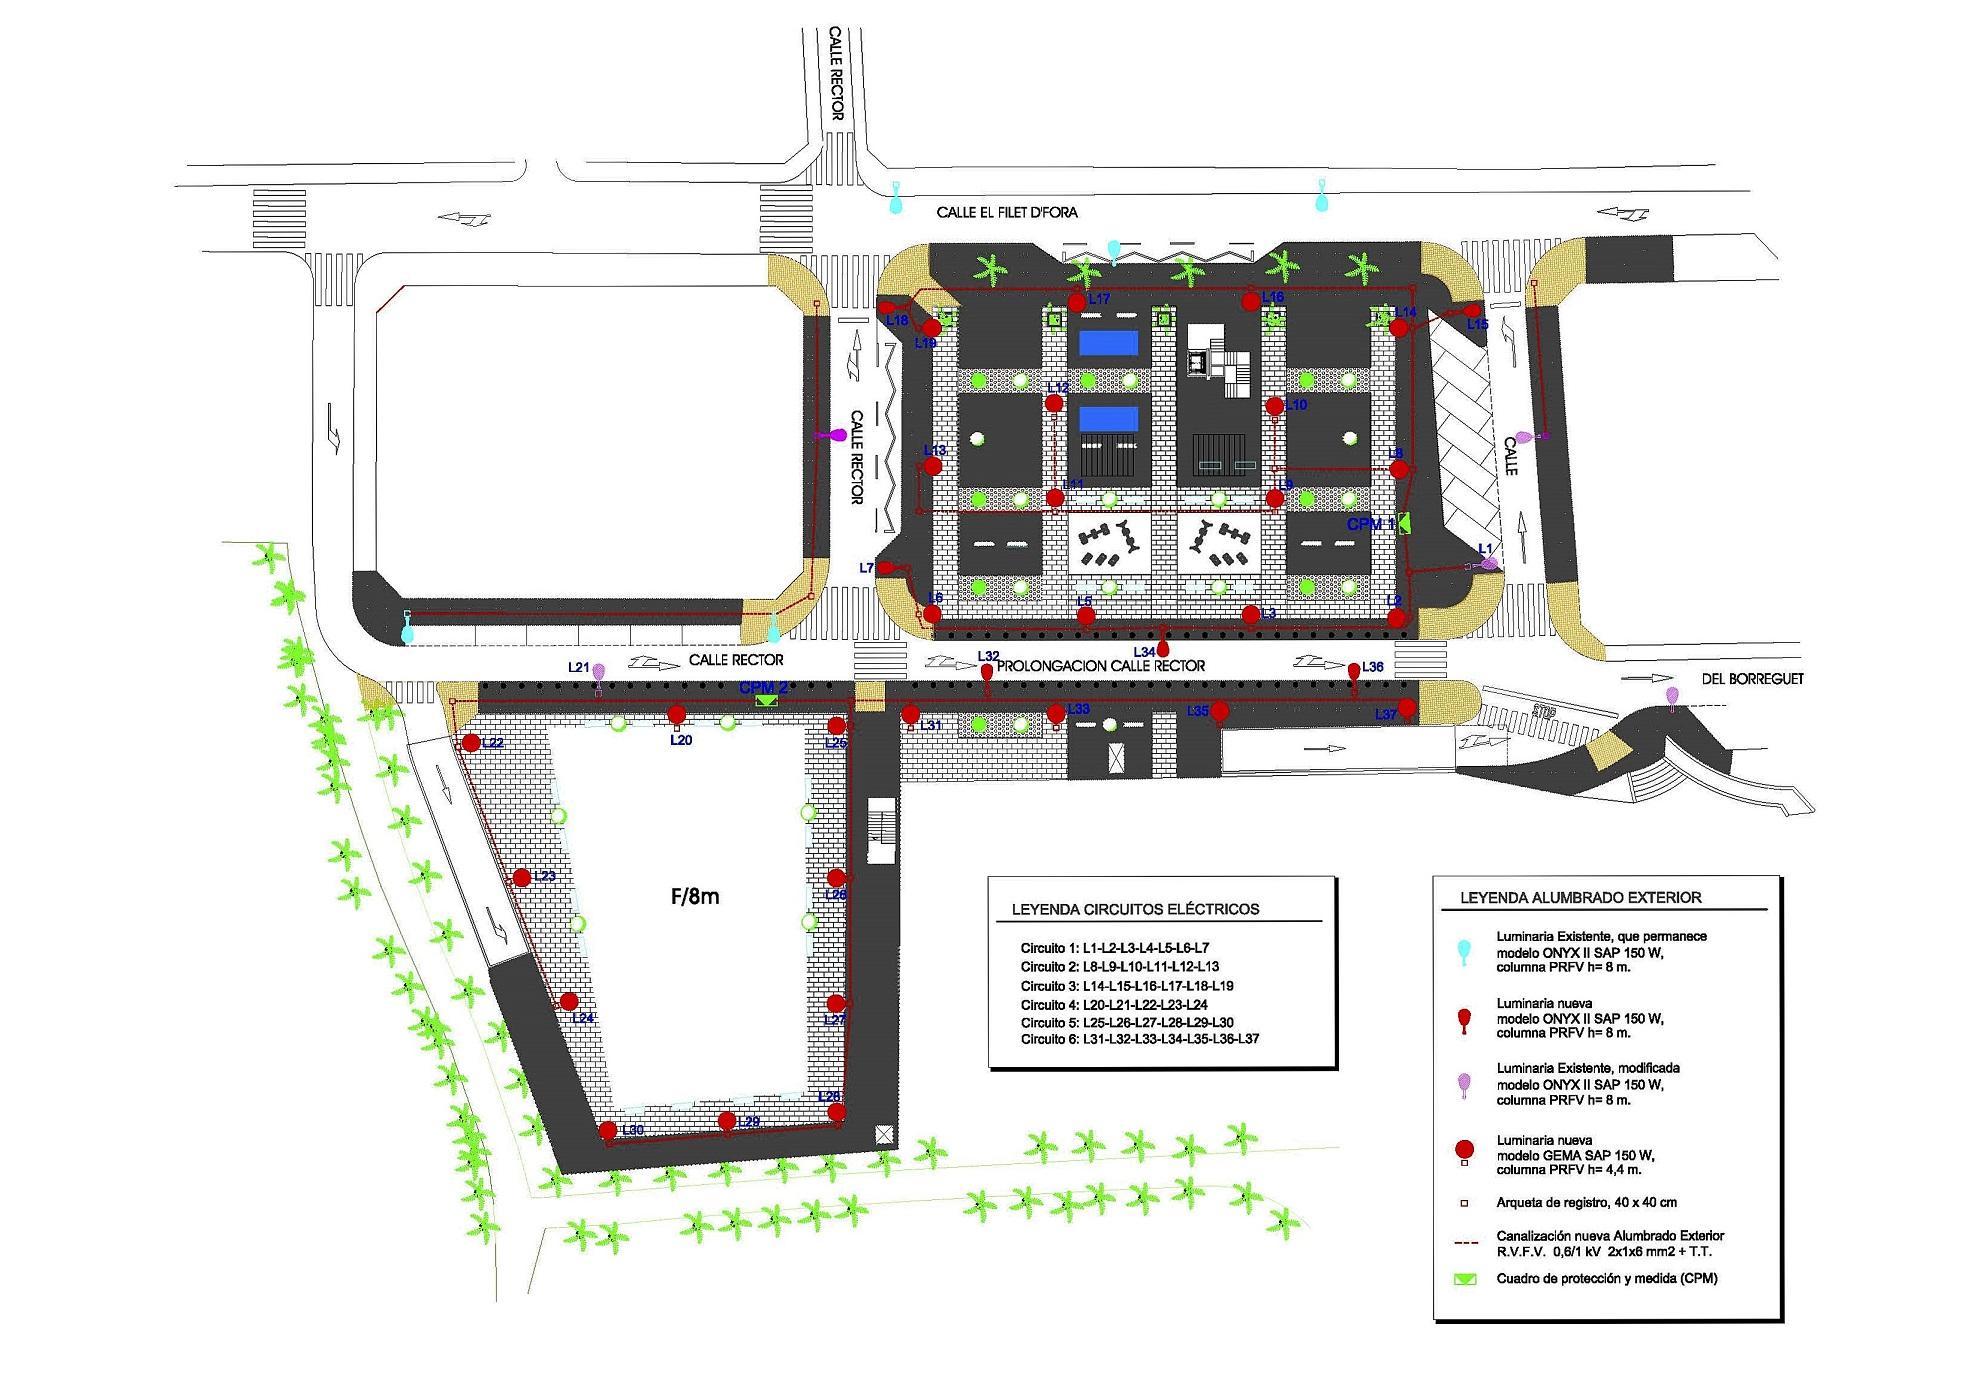 Proyecto de Instalaciones Aparcamiento Subterráneo Público en el antiguo Cine Avenida, Elche